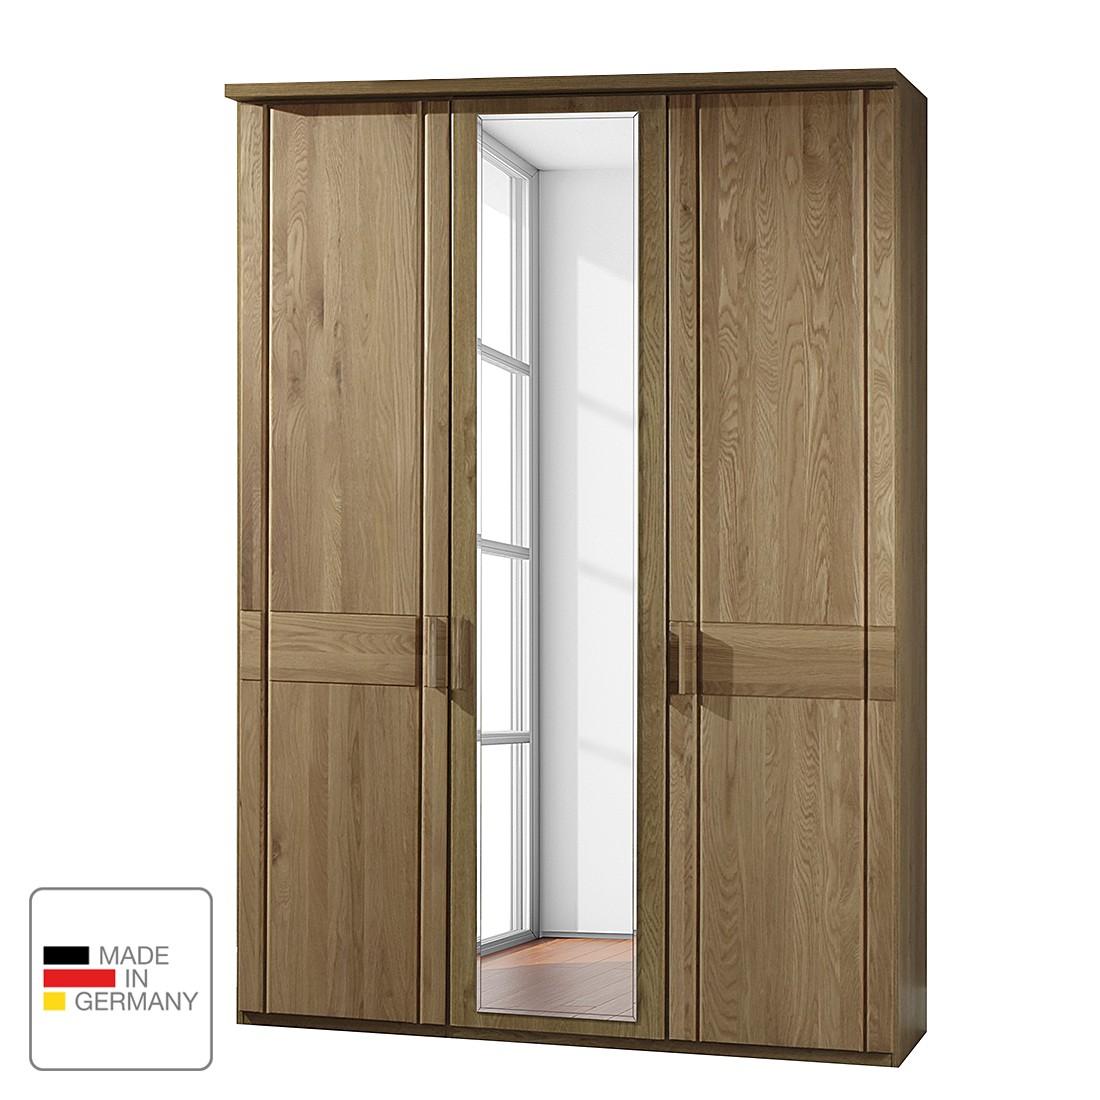 goedkoop Draaideurkast Münster deels massief eikenhout Zonder verlichting 200cm 4 deurs 2 spiegeldeuren Met kroonlijst Wiemann